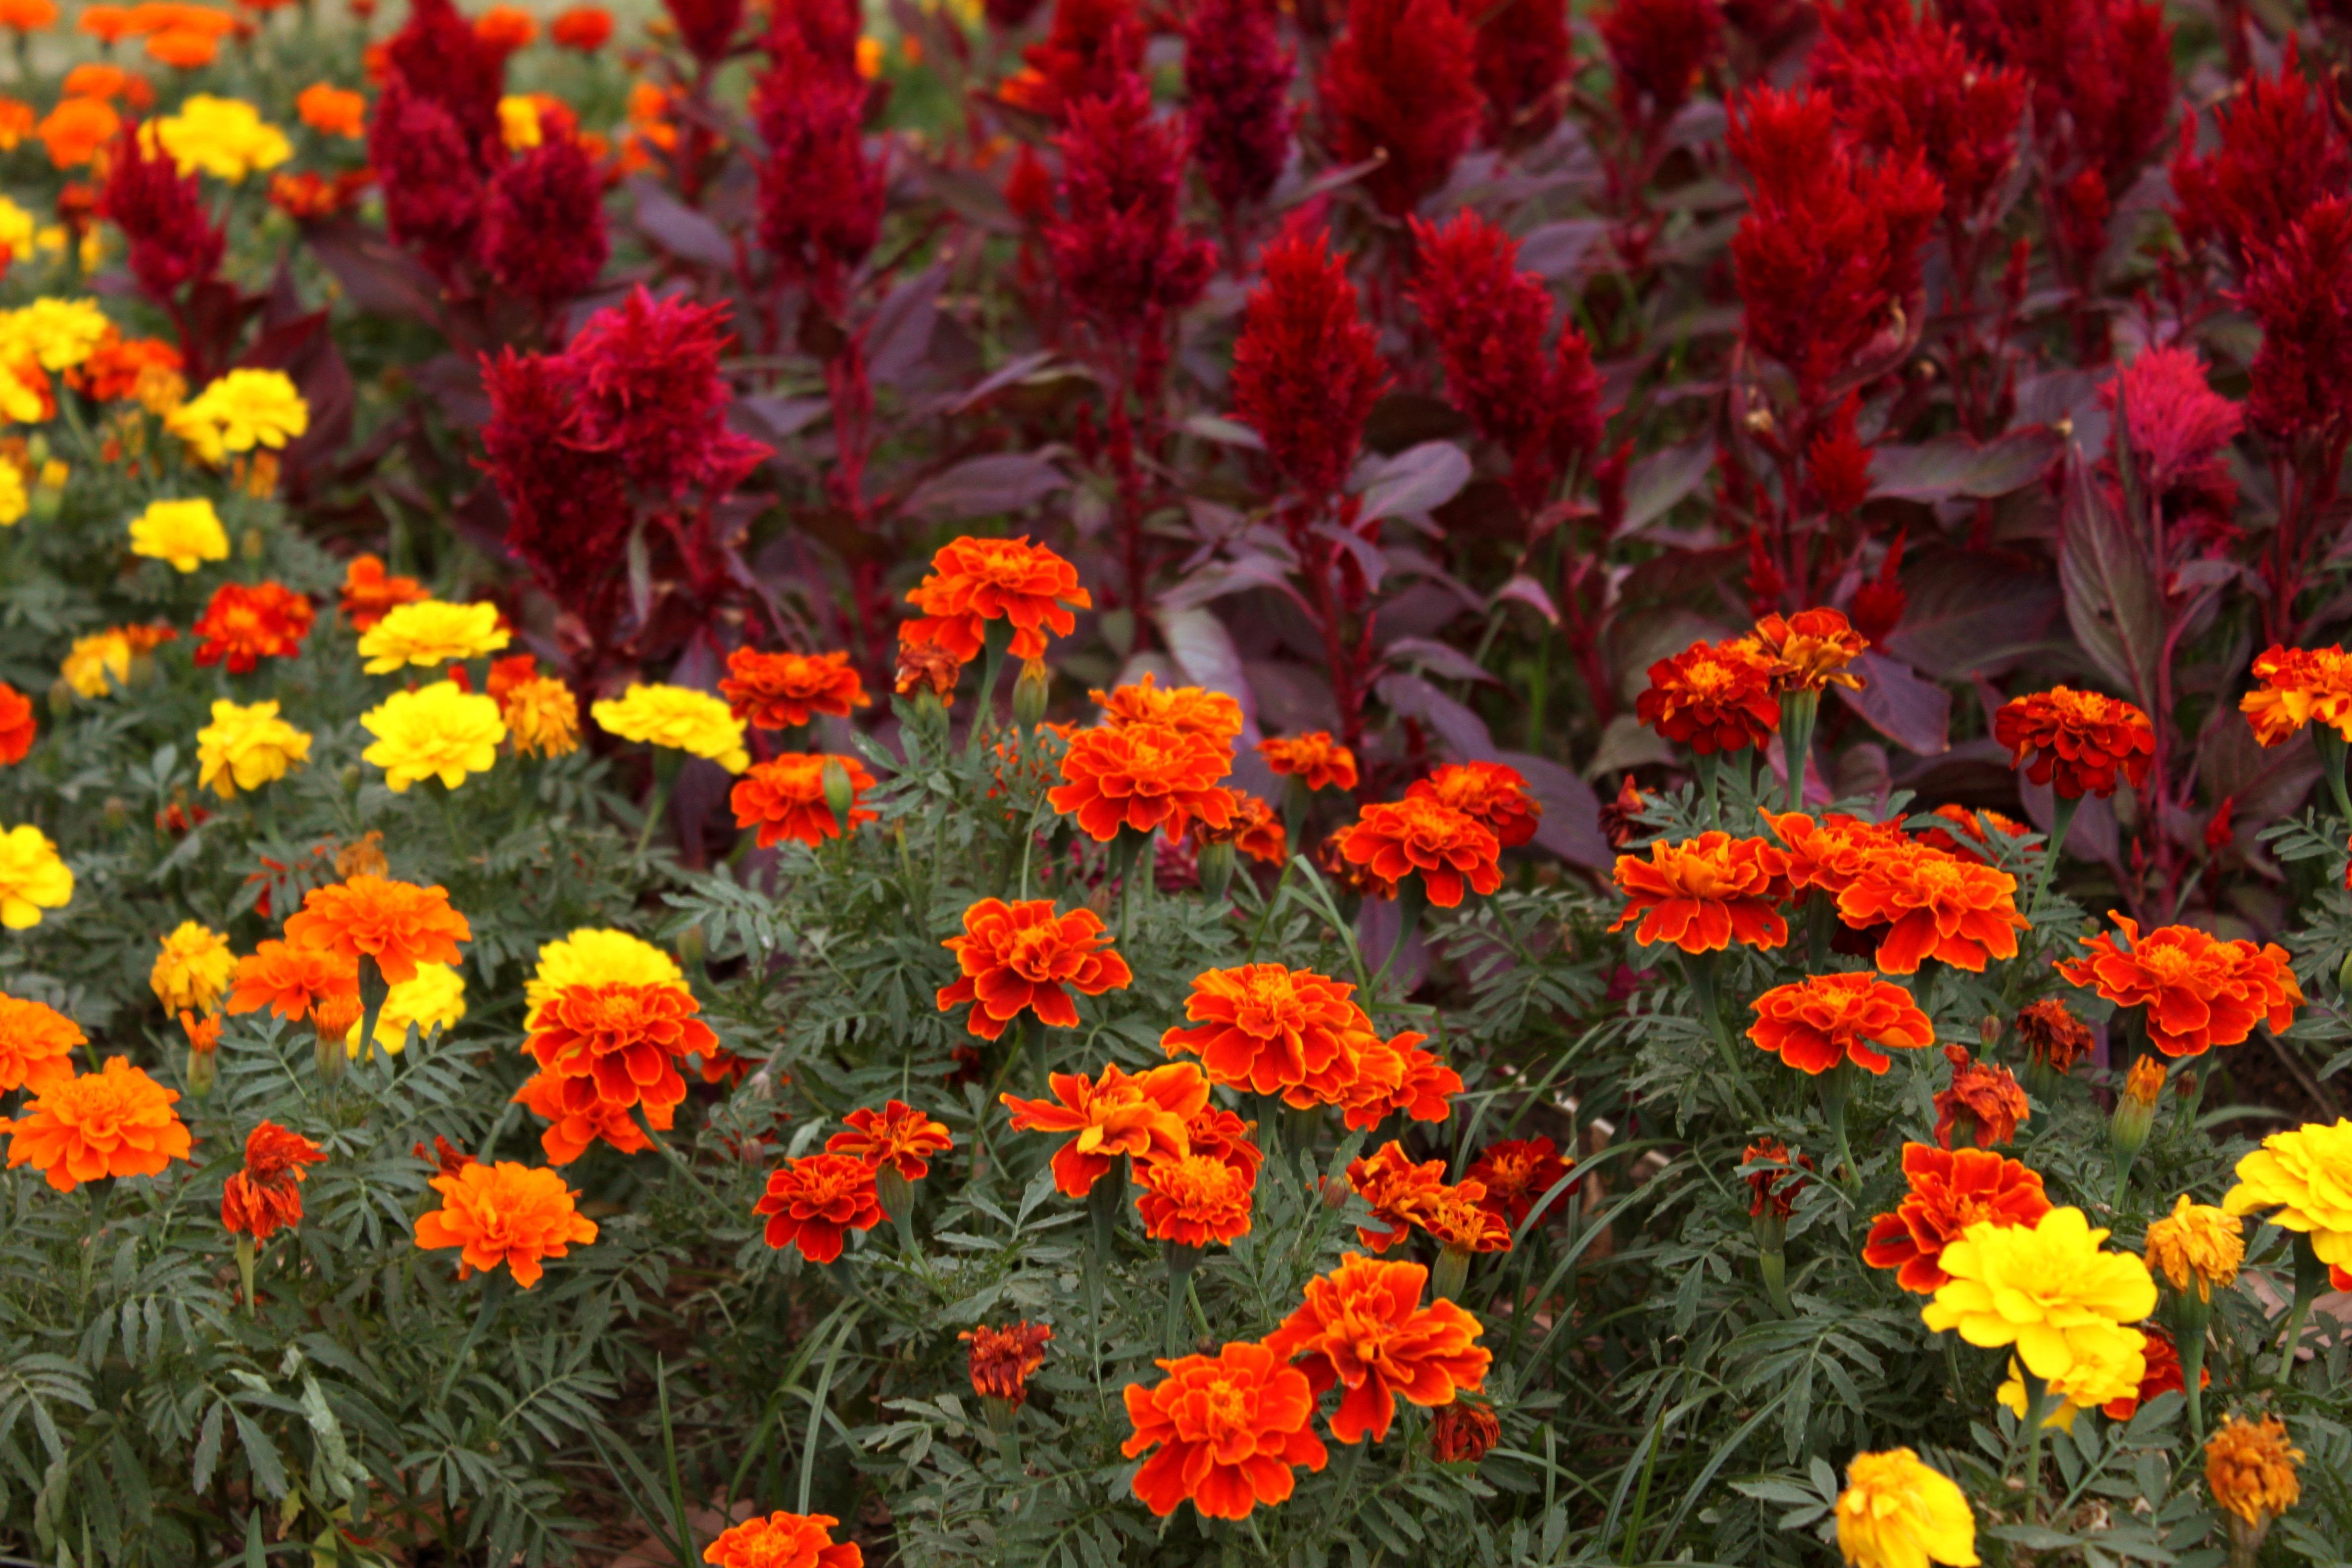 порочная цветы однолетники цветущие все лето картинки популярные вислоухие